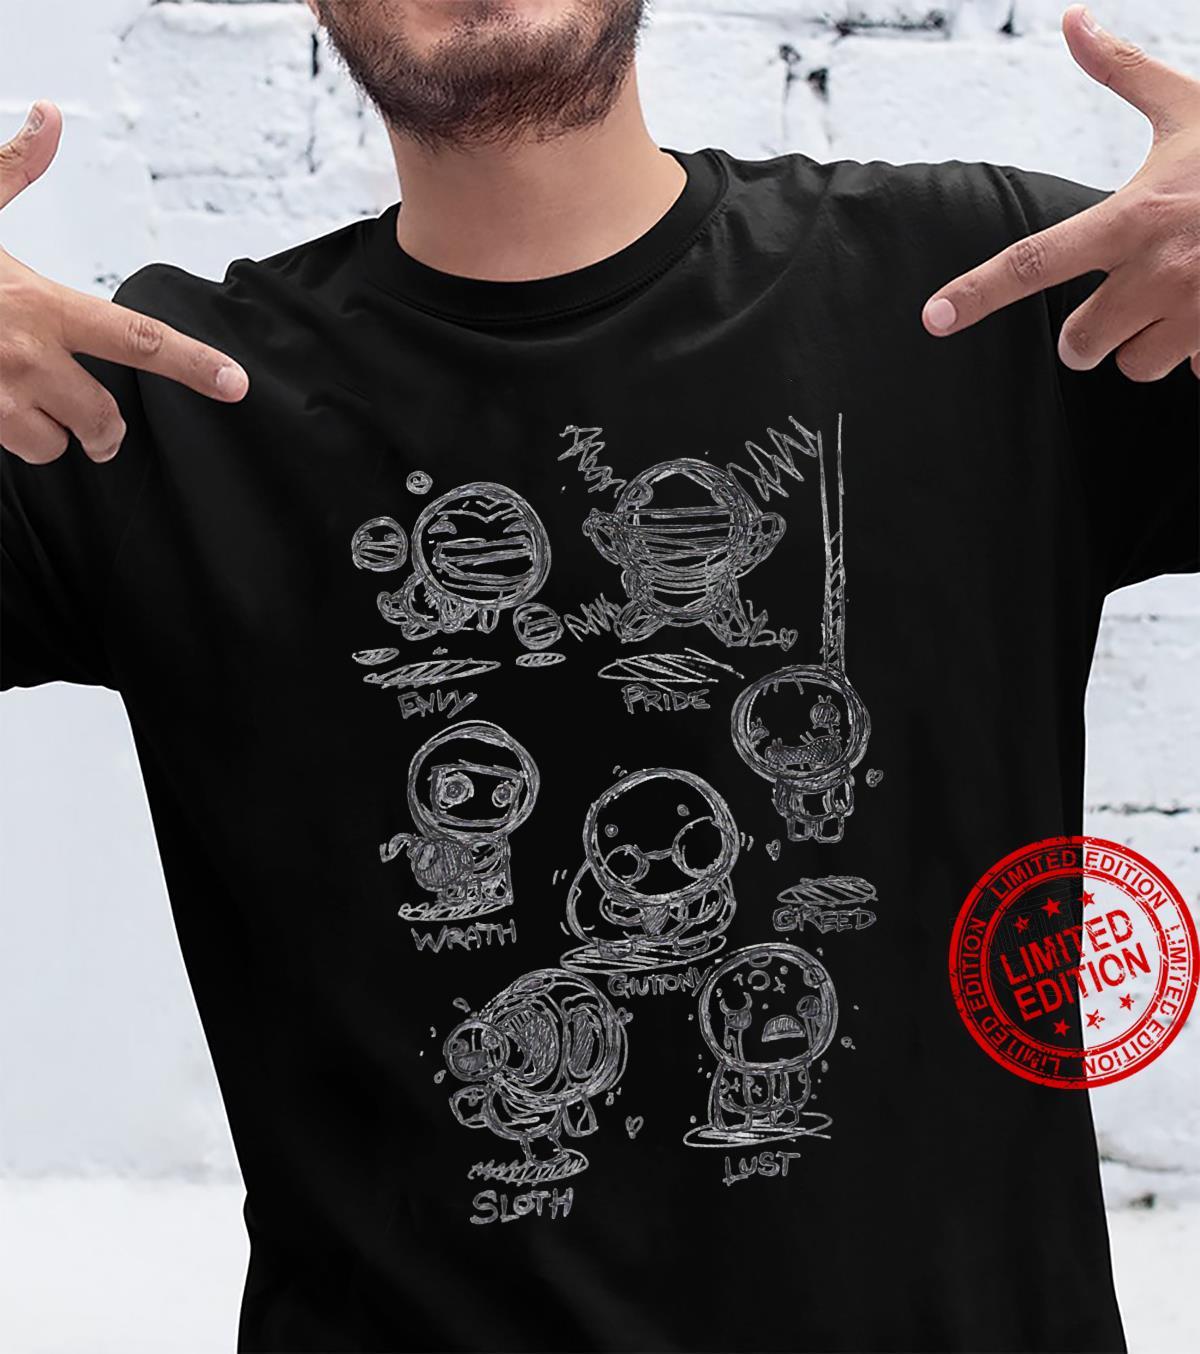 The Bindinf Isaac Shirt